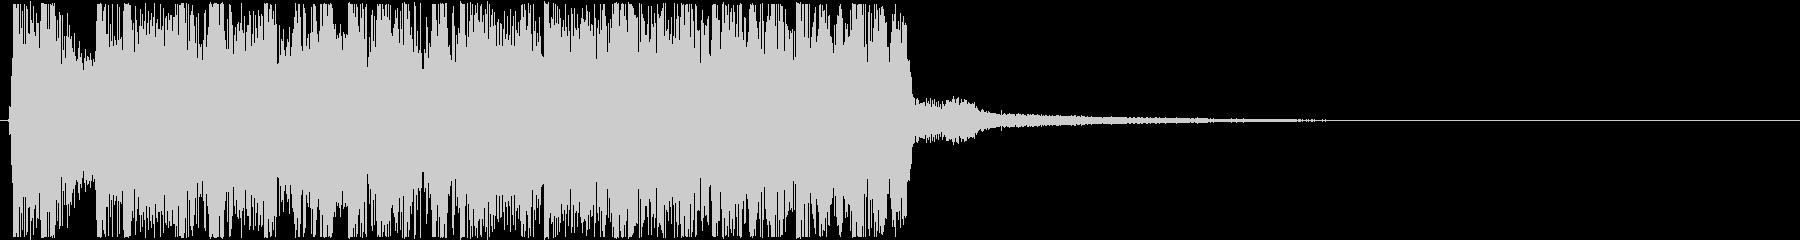 生演奏メタルなアイキャッチ8の未再生の波形